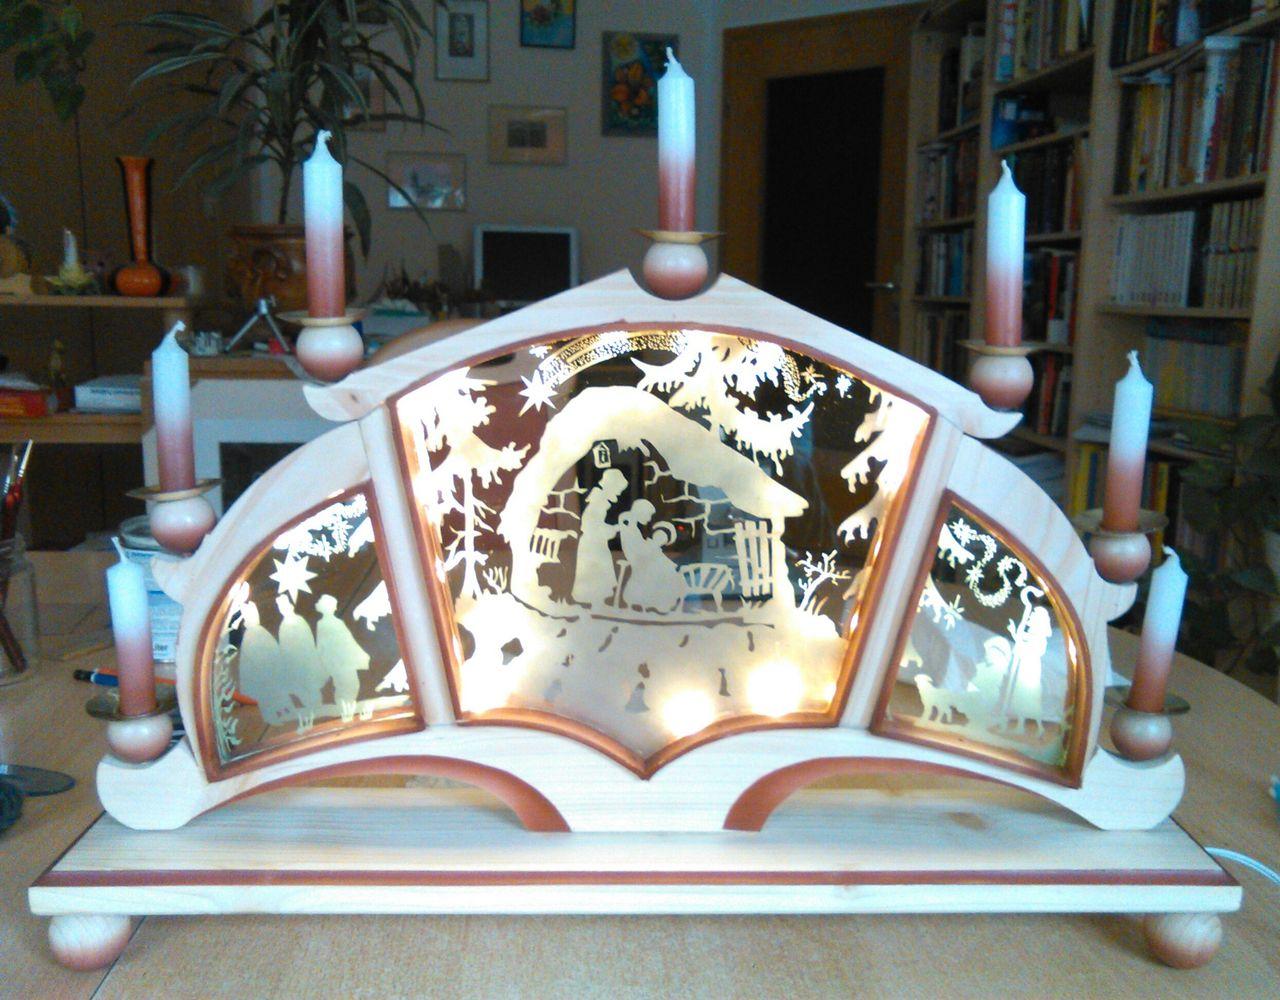 bild schwibbogen kunsthandwerk weihnachten erzgebirge. Black Bedroom Furniture Sets. Home Design Ideas